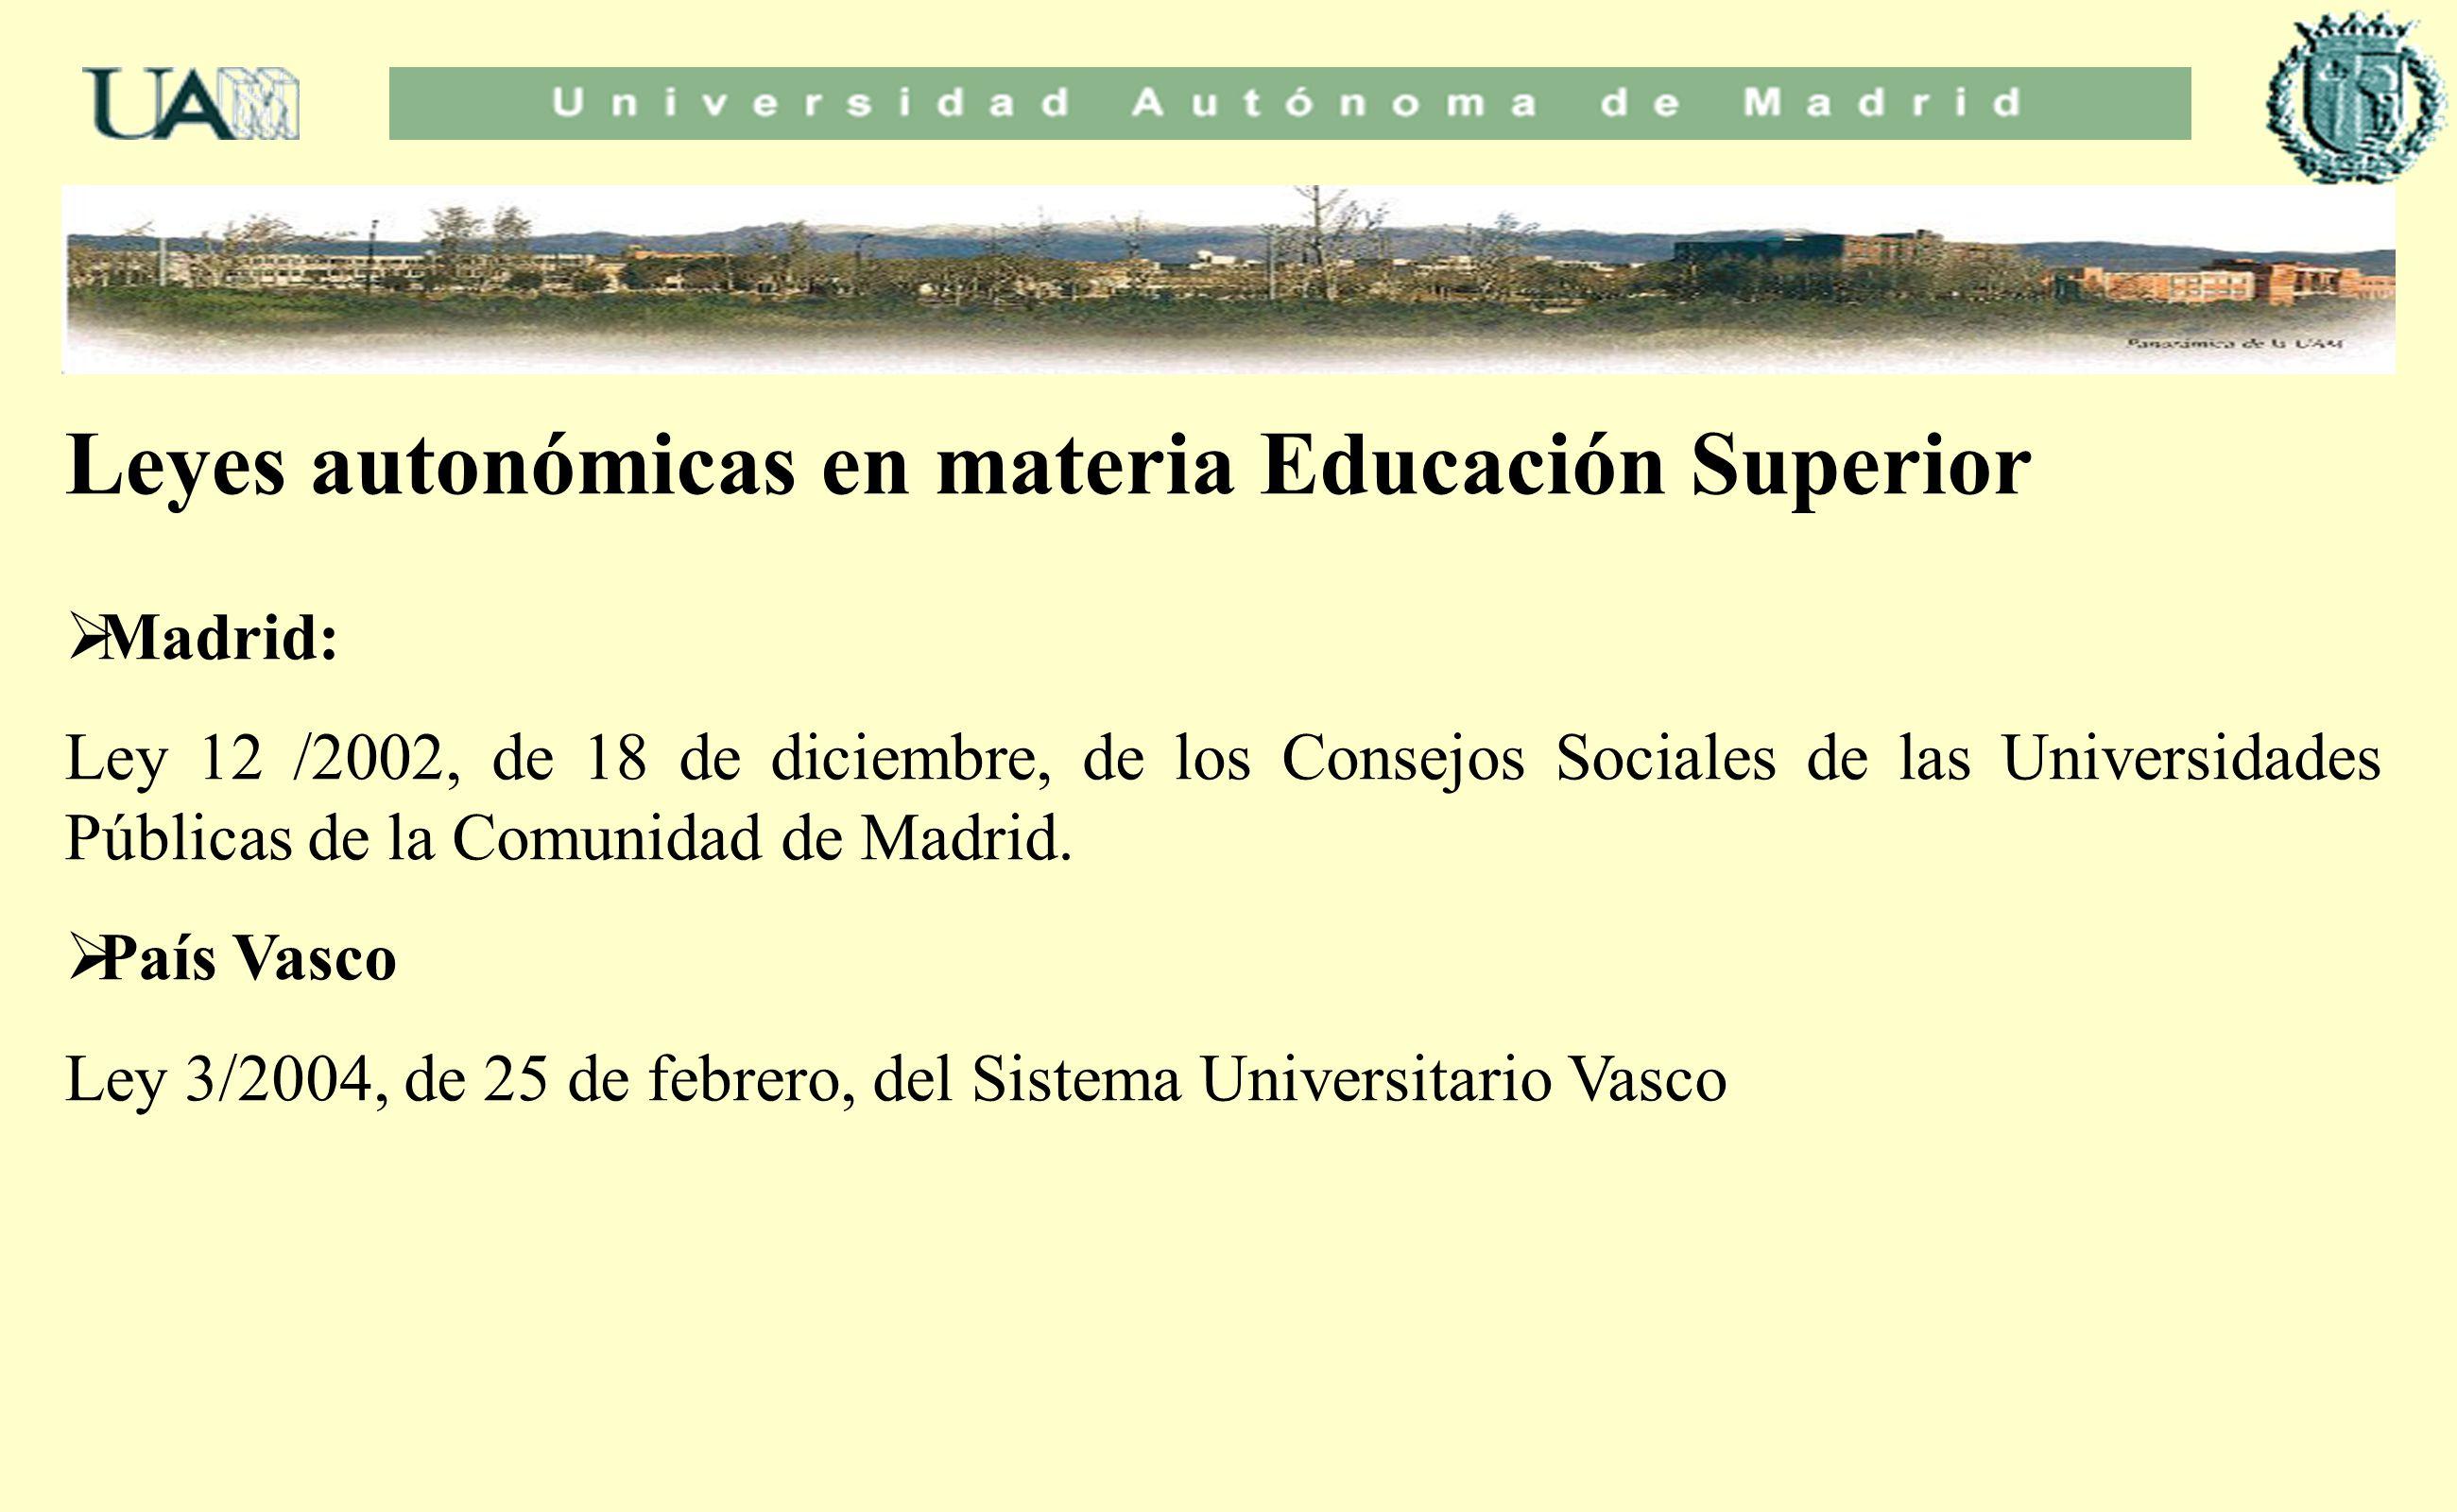 Leyes autonómicas en materia Educación Superior Madrid: Ley 12 /2002, de 18 de diciembre, de los Consejos Sociales de las Universidades Públicas de la